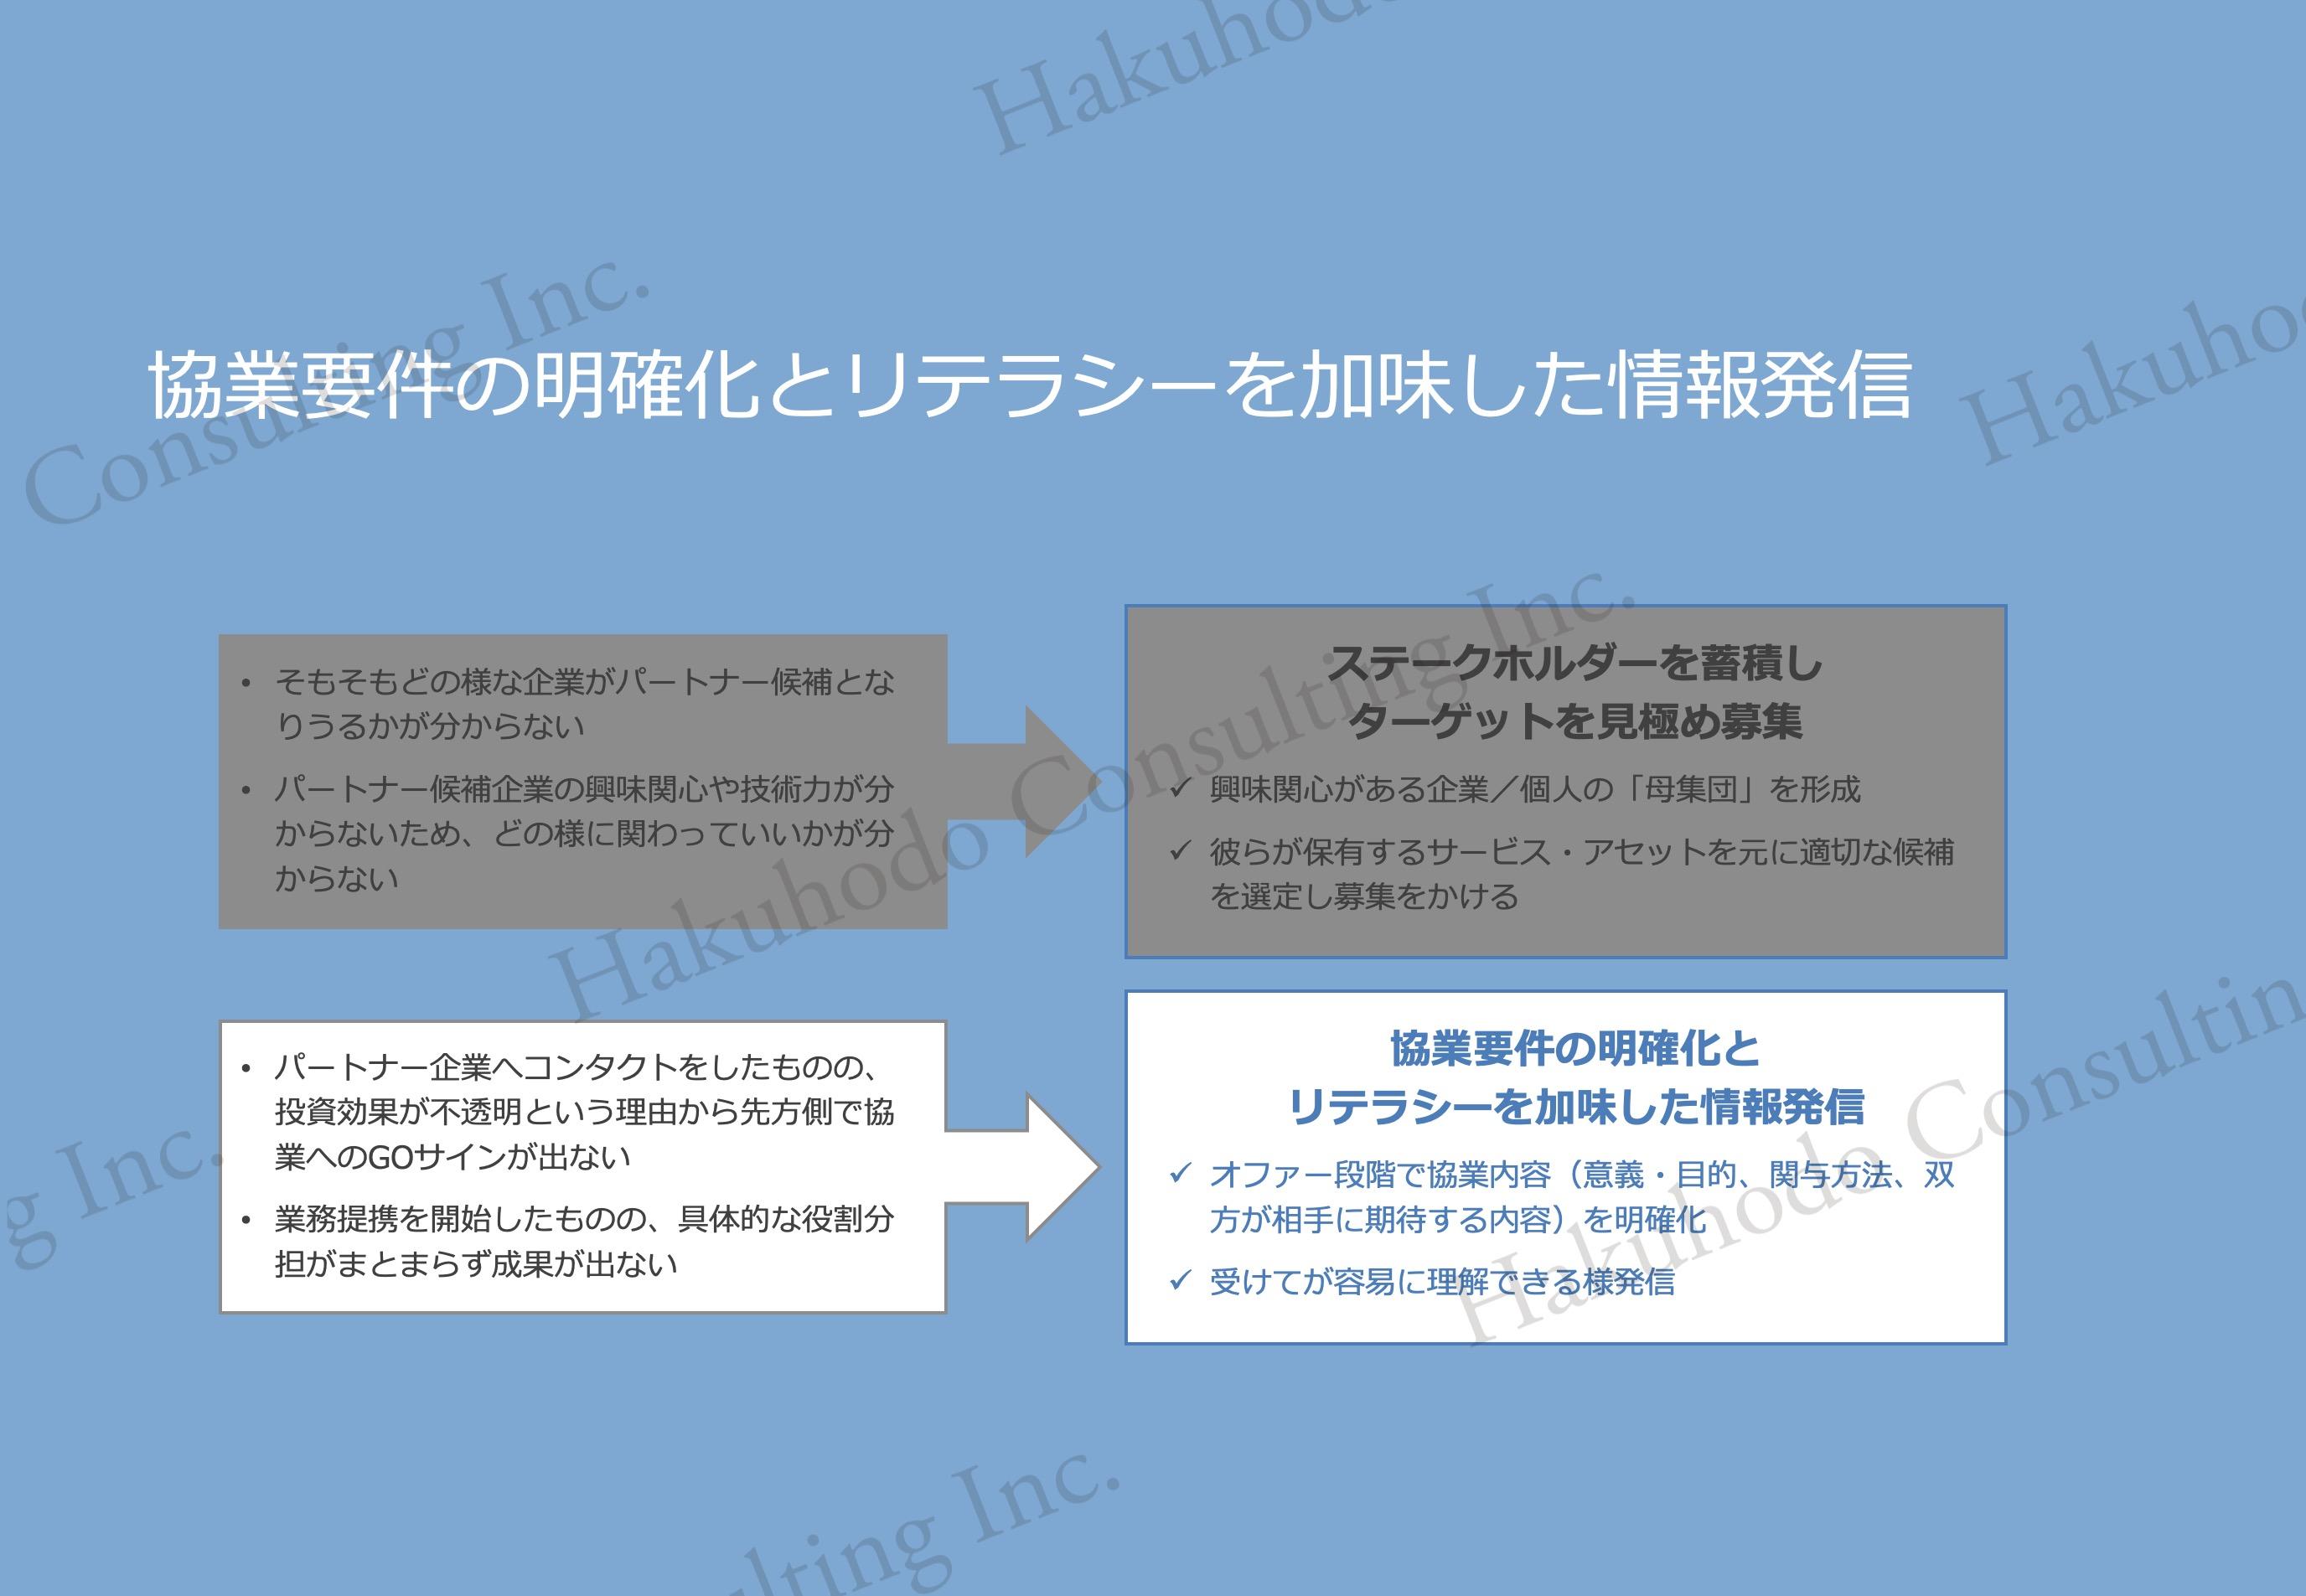 協業要件の明確化とリテラシーを加味した情報発信